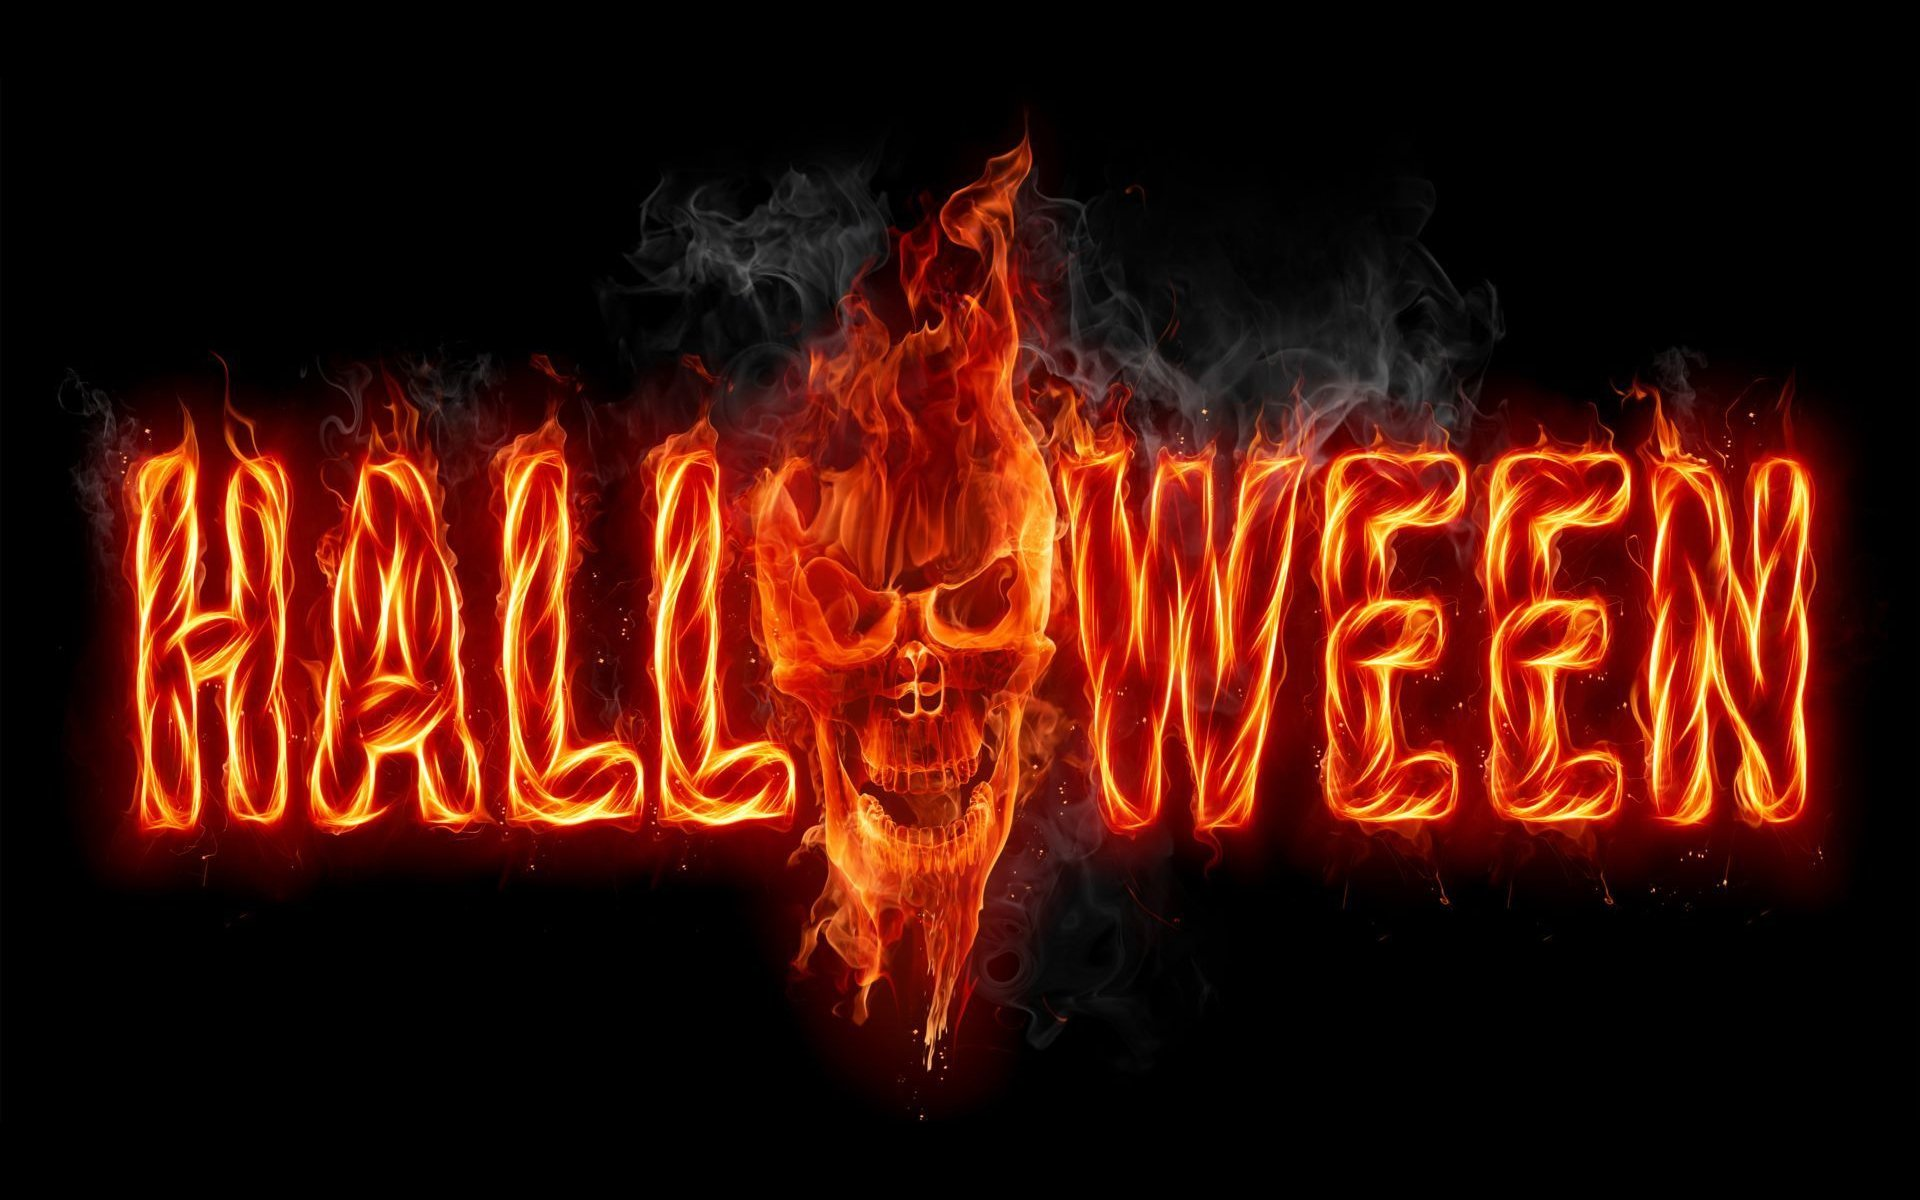 Картинка с надписью хэллоуин, открытка